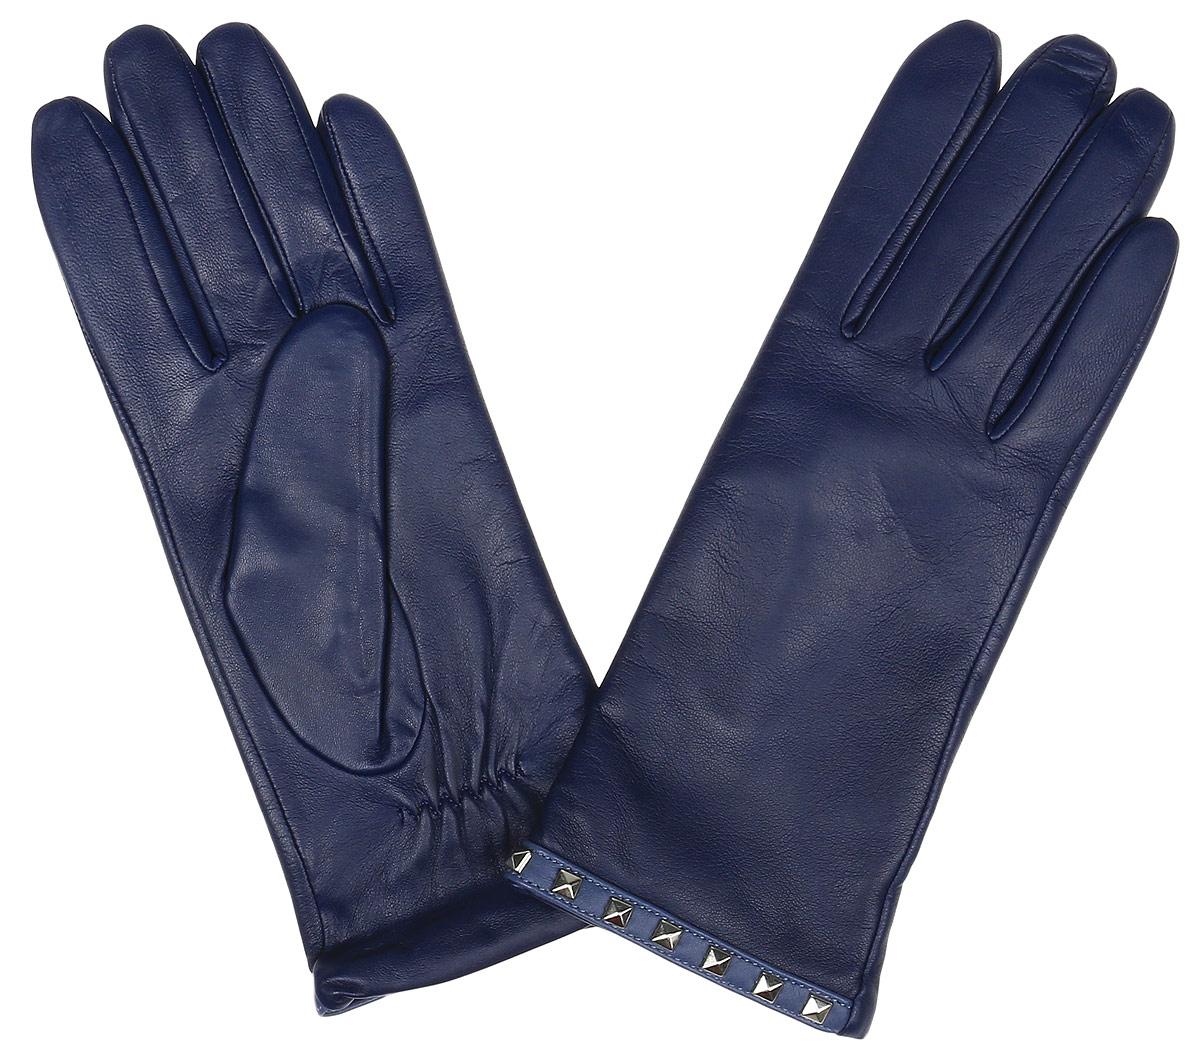 Перчатки12.24-11 blueЭлегантные женские перчатки Fabretti станут великолепным дополнением вашего образа и защитят ваши руки от холода и ветра во время прогулок. Перчатки выполнены из натуральной кожи ягненка. Модель декорирована стильными металлическими заклепками. Такие перчатки будут оригинальным завершающим штрихом в создании современного модного образа, они подчеркнут ваш изысканный вкус и станут незаменимым и практичным аксессуаром.